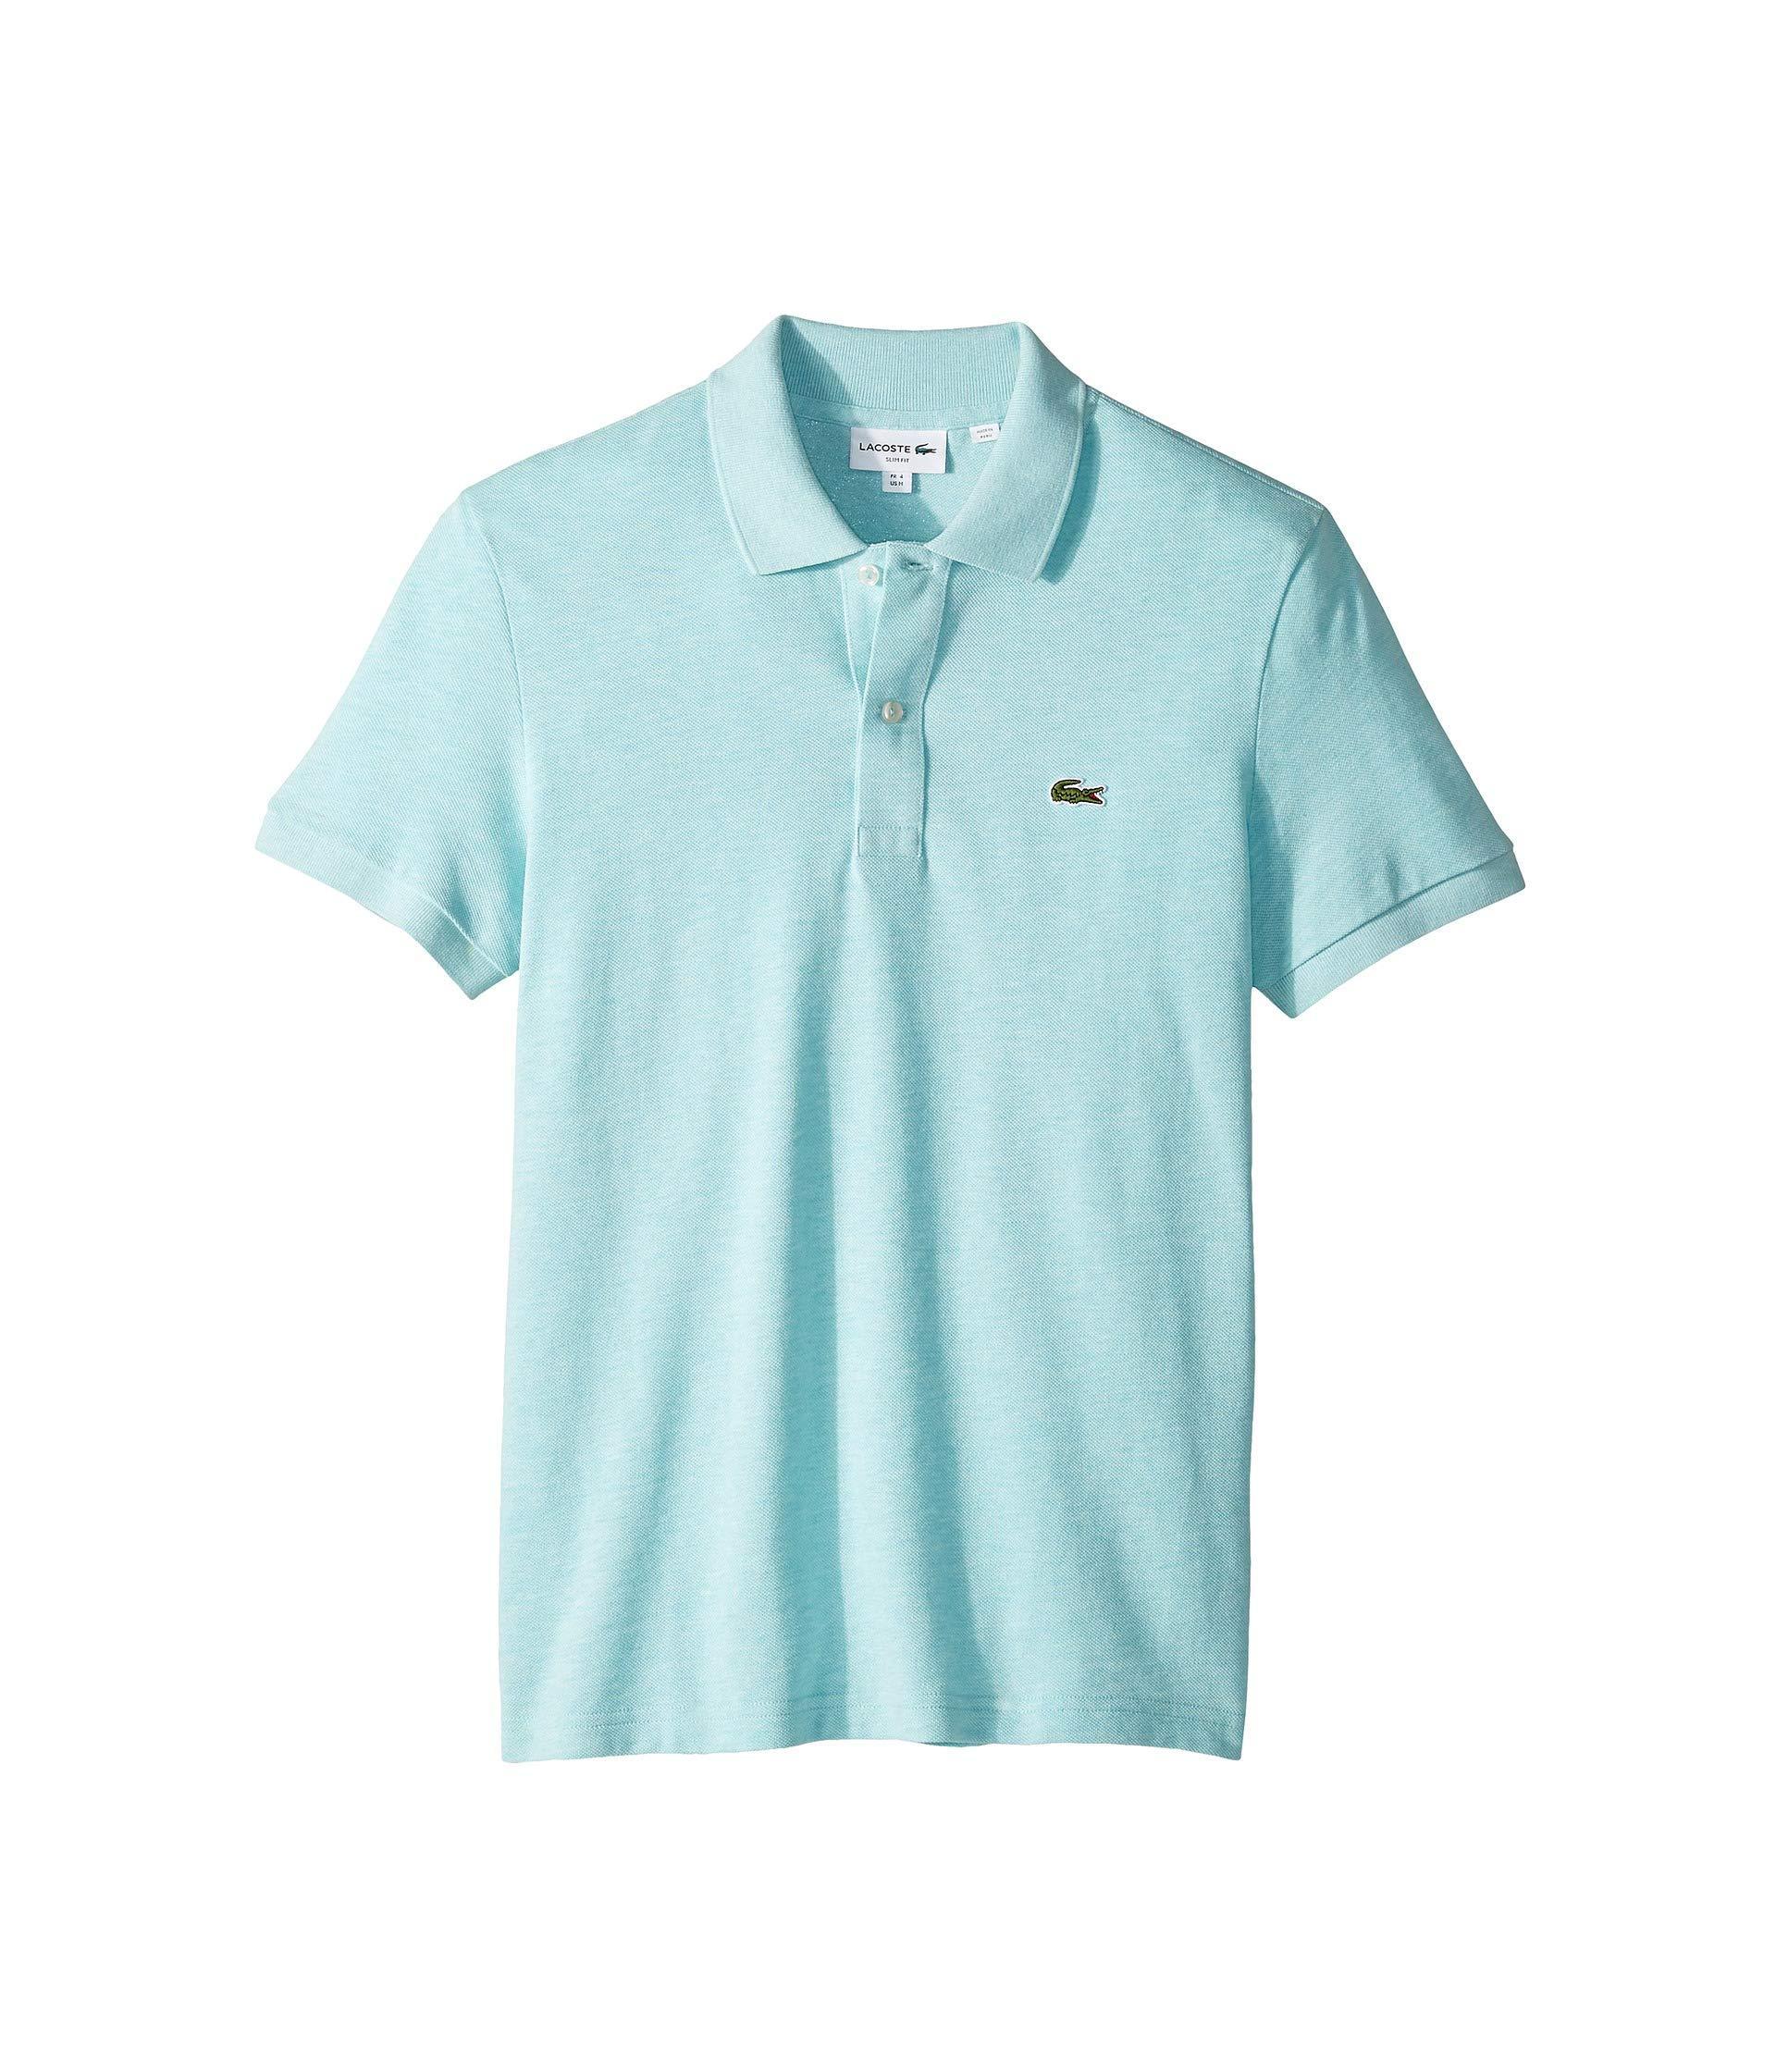 reputable site 347e1 fbd16 Lacoste Short Sleeve Slim Fit Pique Polo (flamingo) Men's ...